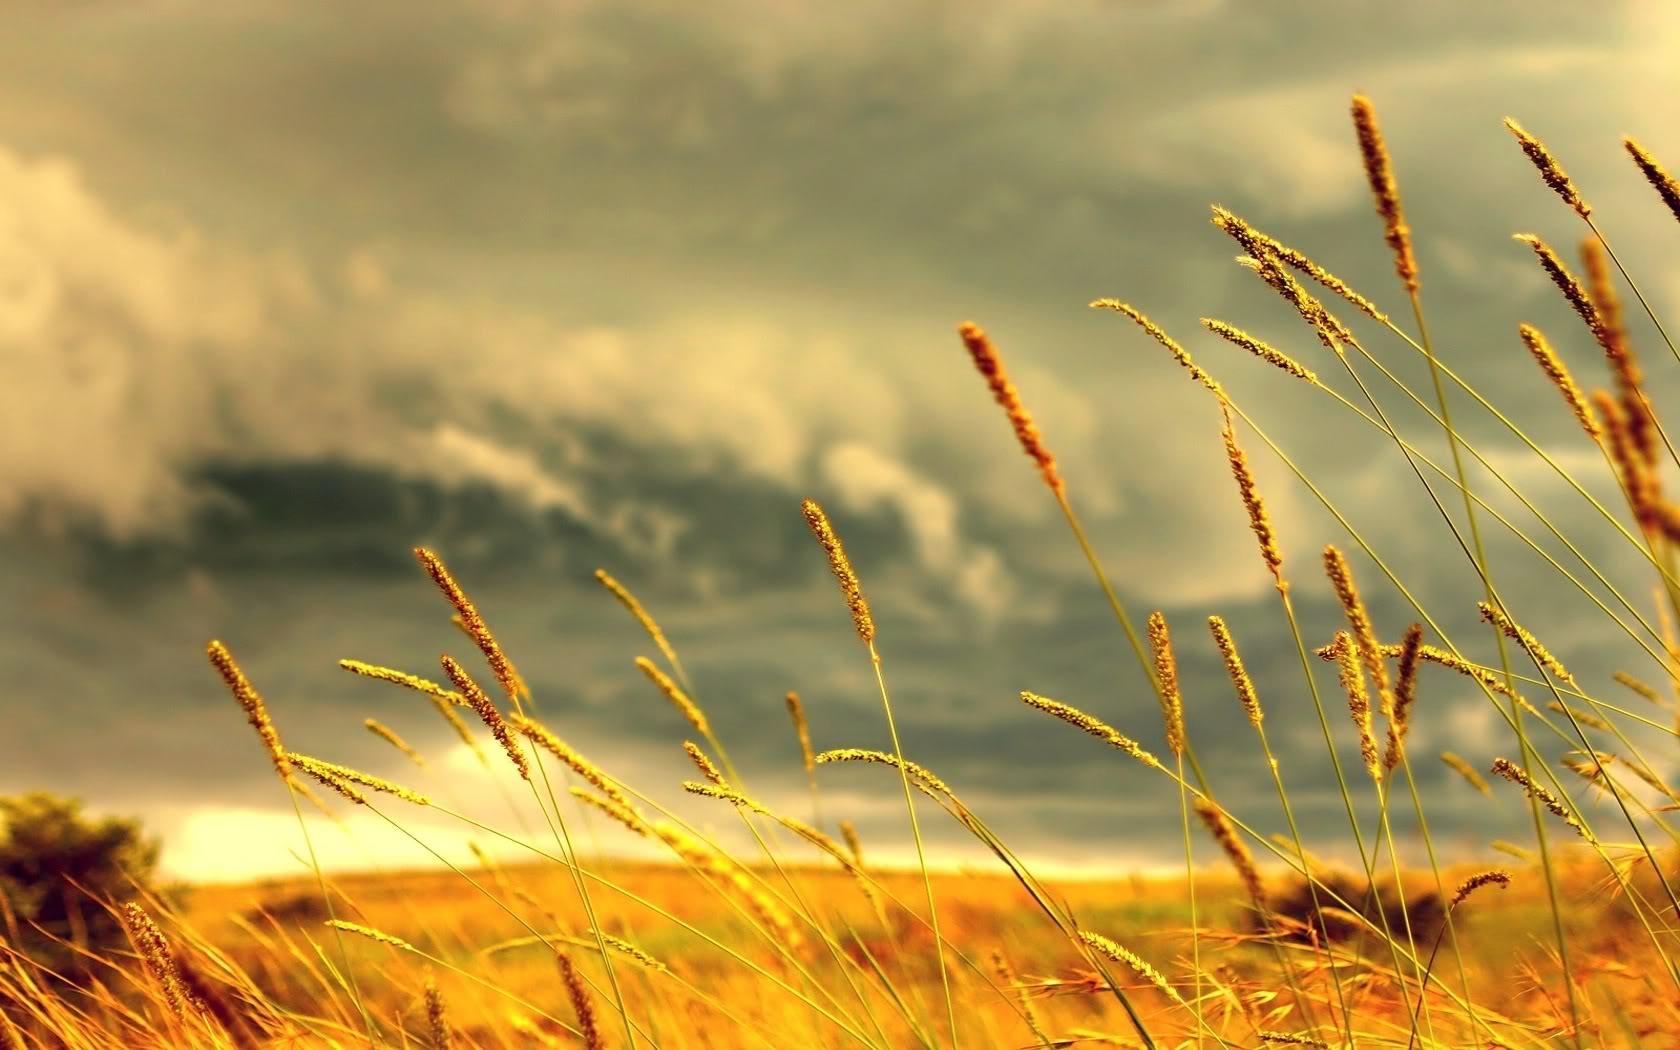 ارض برية طبيعية صحراوية